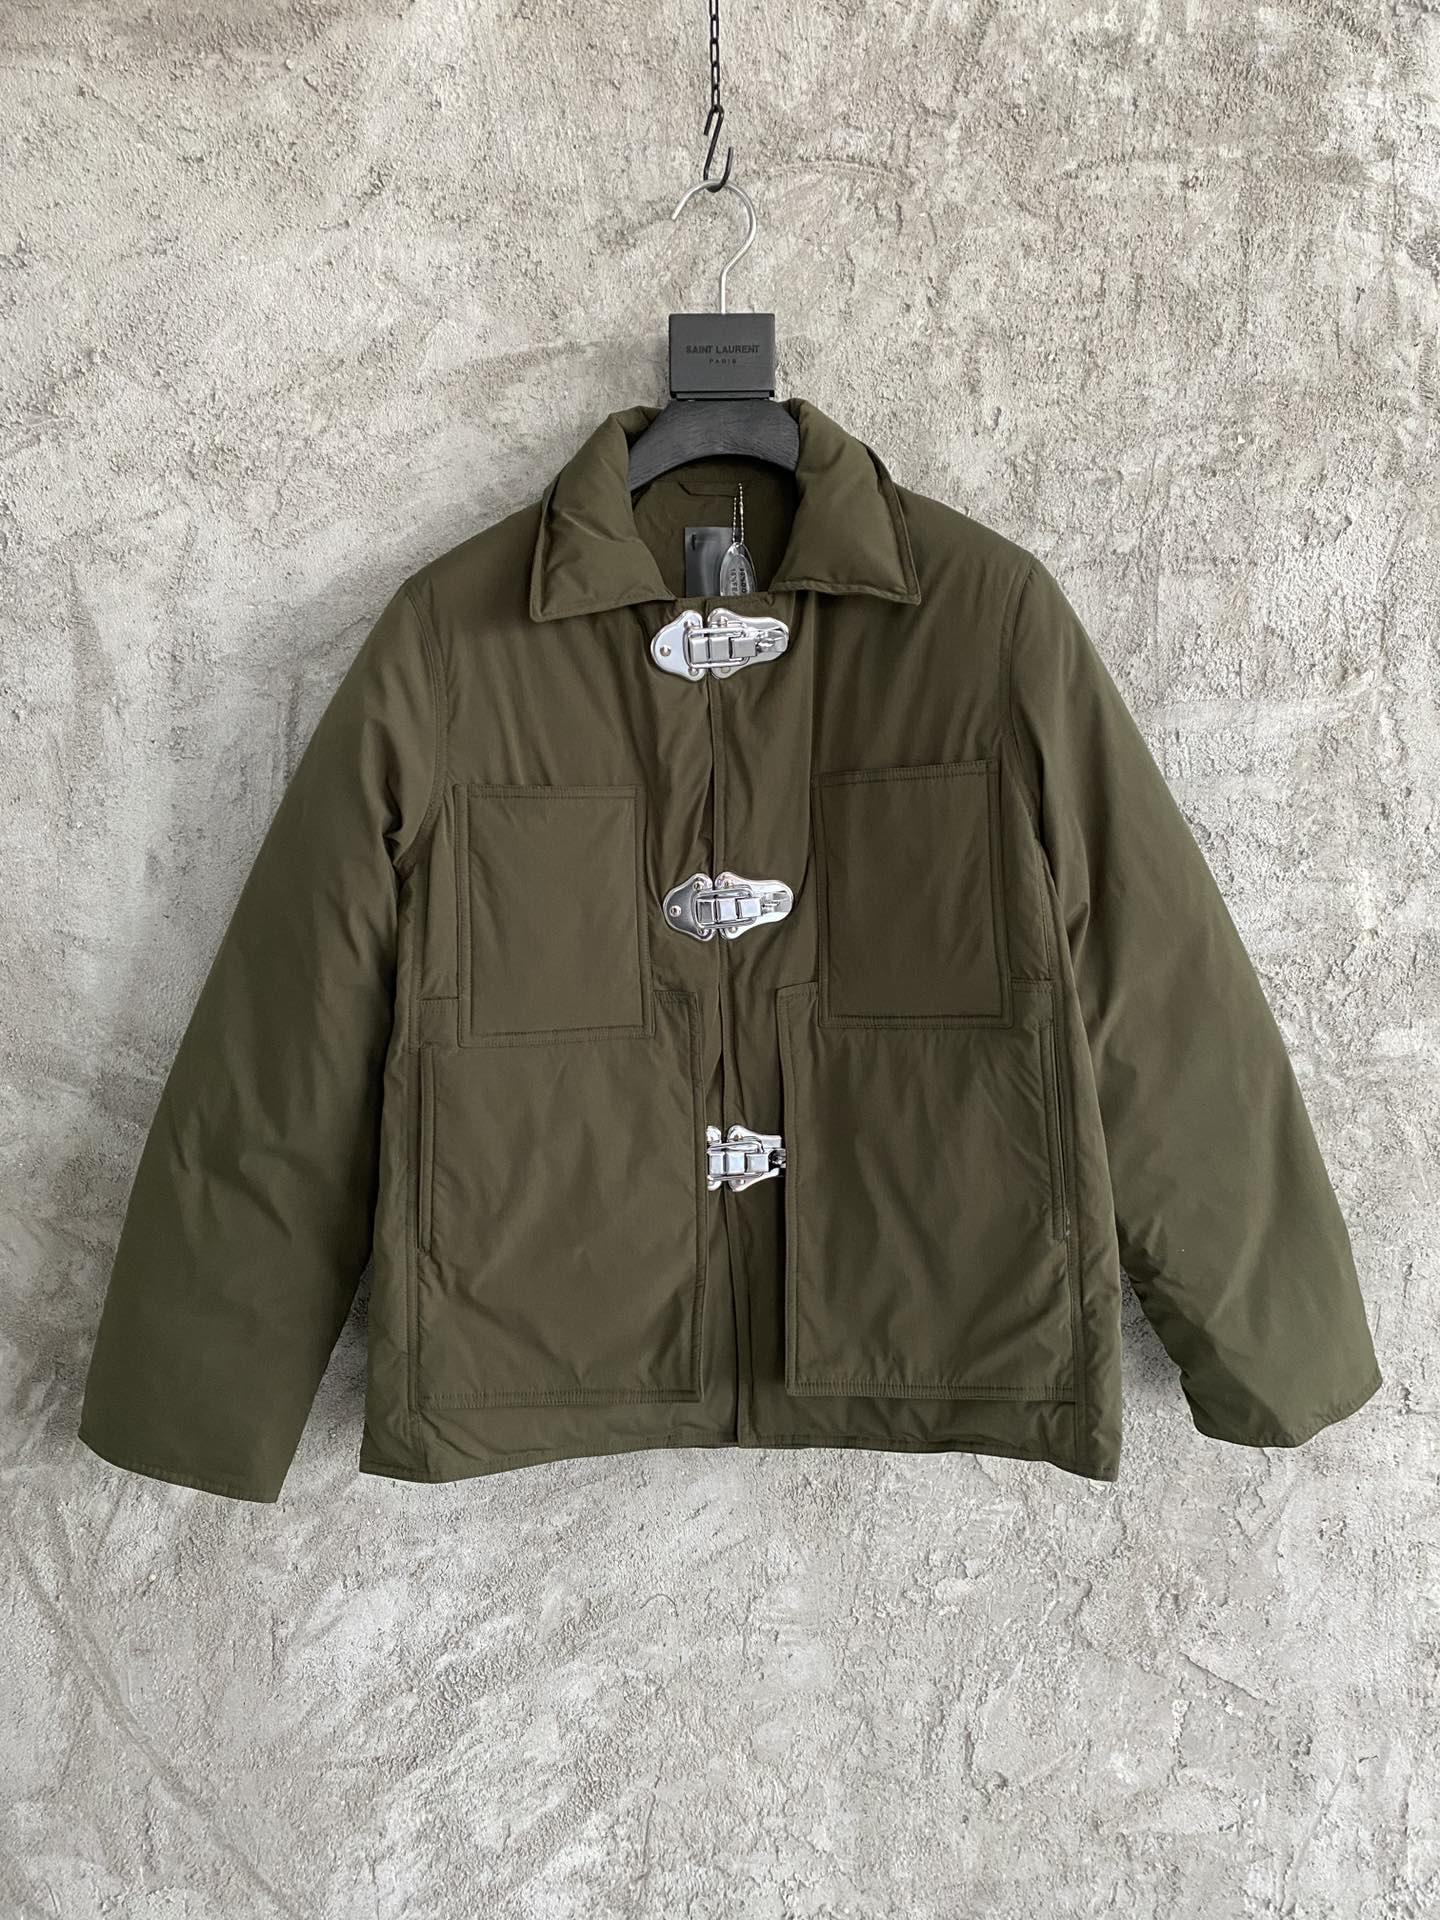 2020 зима новая мода мужская роскошь дизайнер вниз заполненный черный куртка ~ размер куртка ~ топы дизайнерские куртки для мужчин